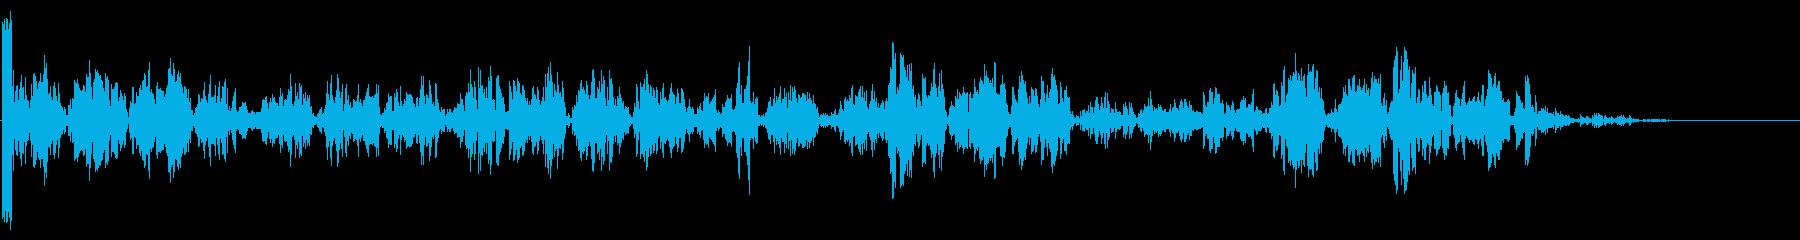 ノイズフロアの再生済みの波形